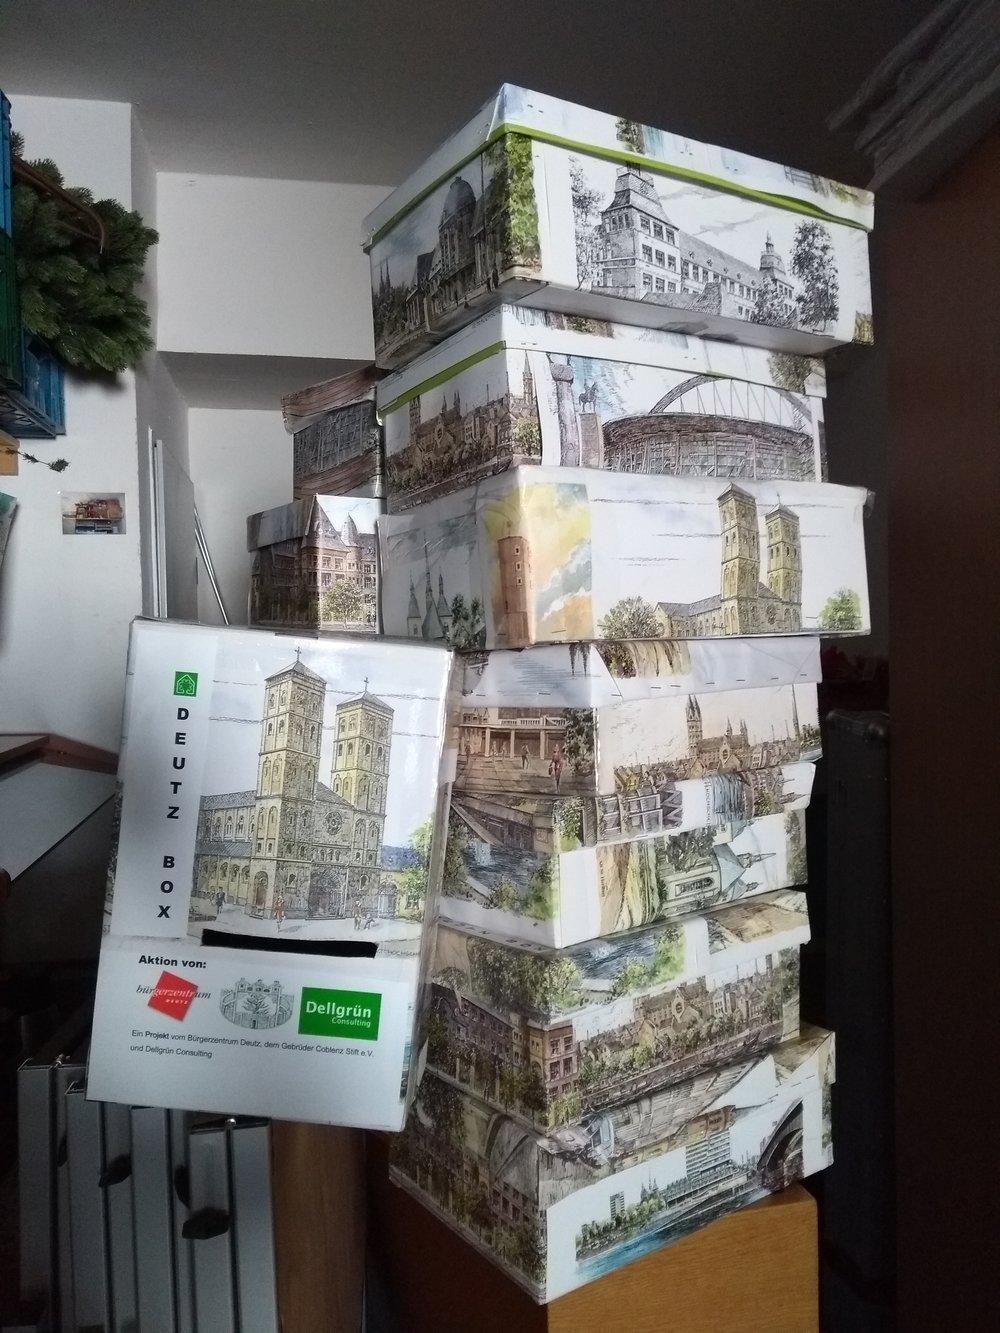 Deutz-Box Aktion - Die Deutz Boxen wurden im ganzen Veedel verteilt damit Deutzer BürgerInnen sich vernetzen und gegenseitig unterstützen.- Welche Unterstützung kann ich anbieten (z.B. Vorlesen)?- Welche Art von Unterstützung benötige ich (z.B. Hilfe beim Einkaufen)?Die Boxen wurden nun eingesammelt und die Inhalte werden zurzeit ausgewertet.Eine Deutz Box steht weiterhin im Bürgerzentrum Deutz und kann gerne genutzt werden.